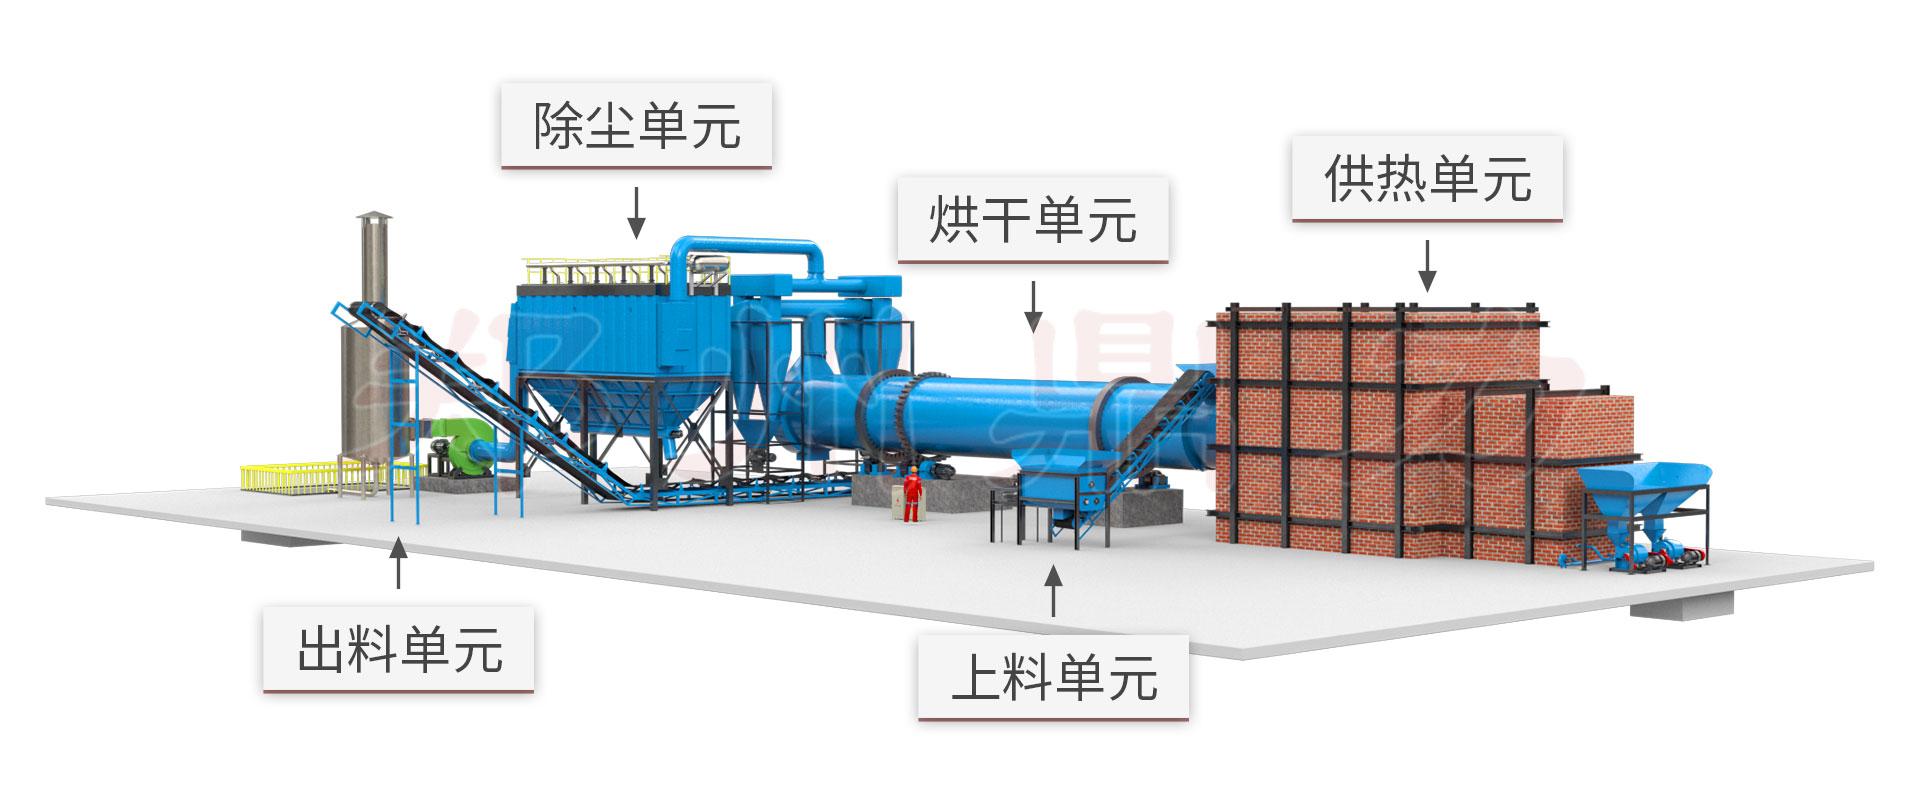 洗煤厂煤泥干燥工艺流程图